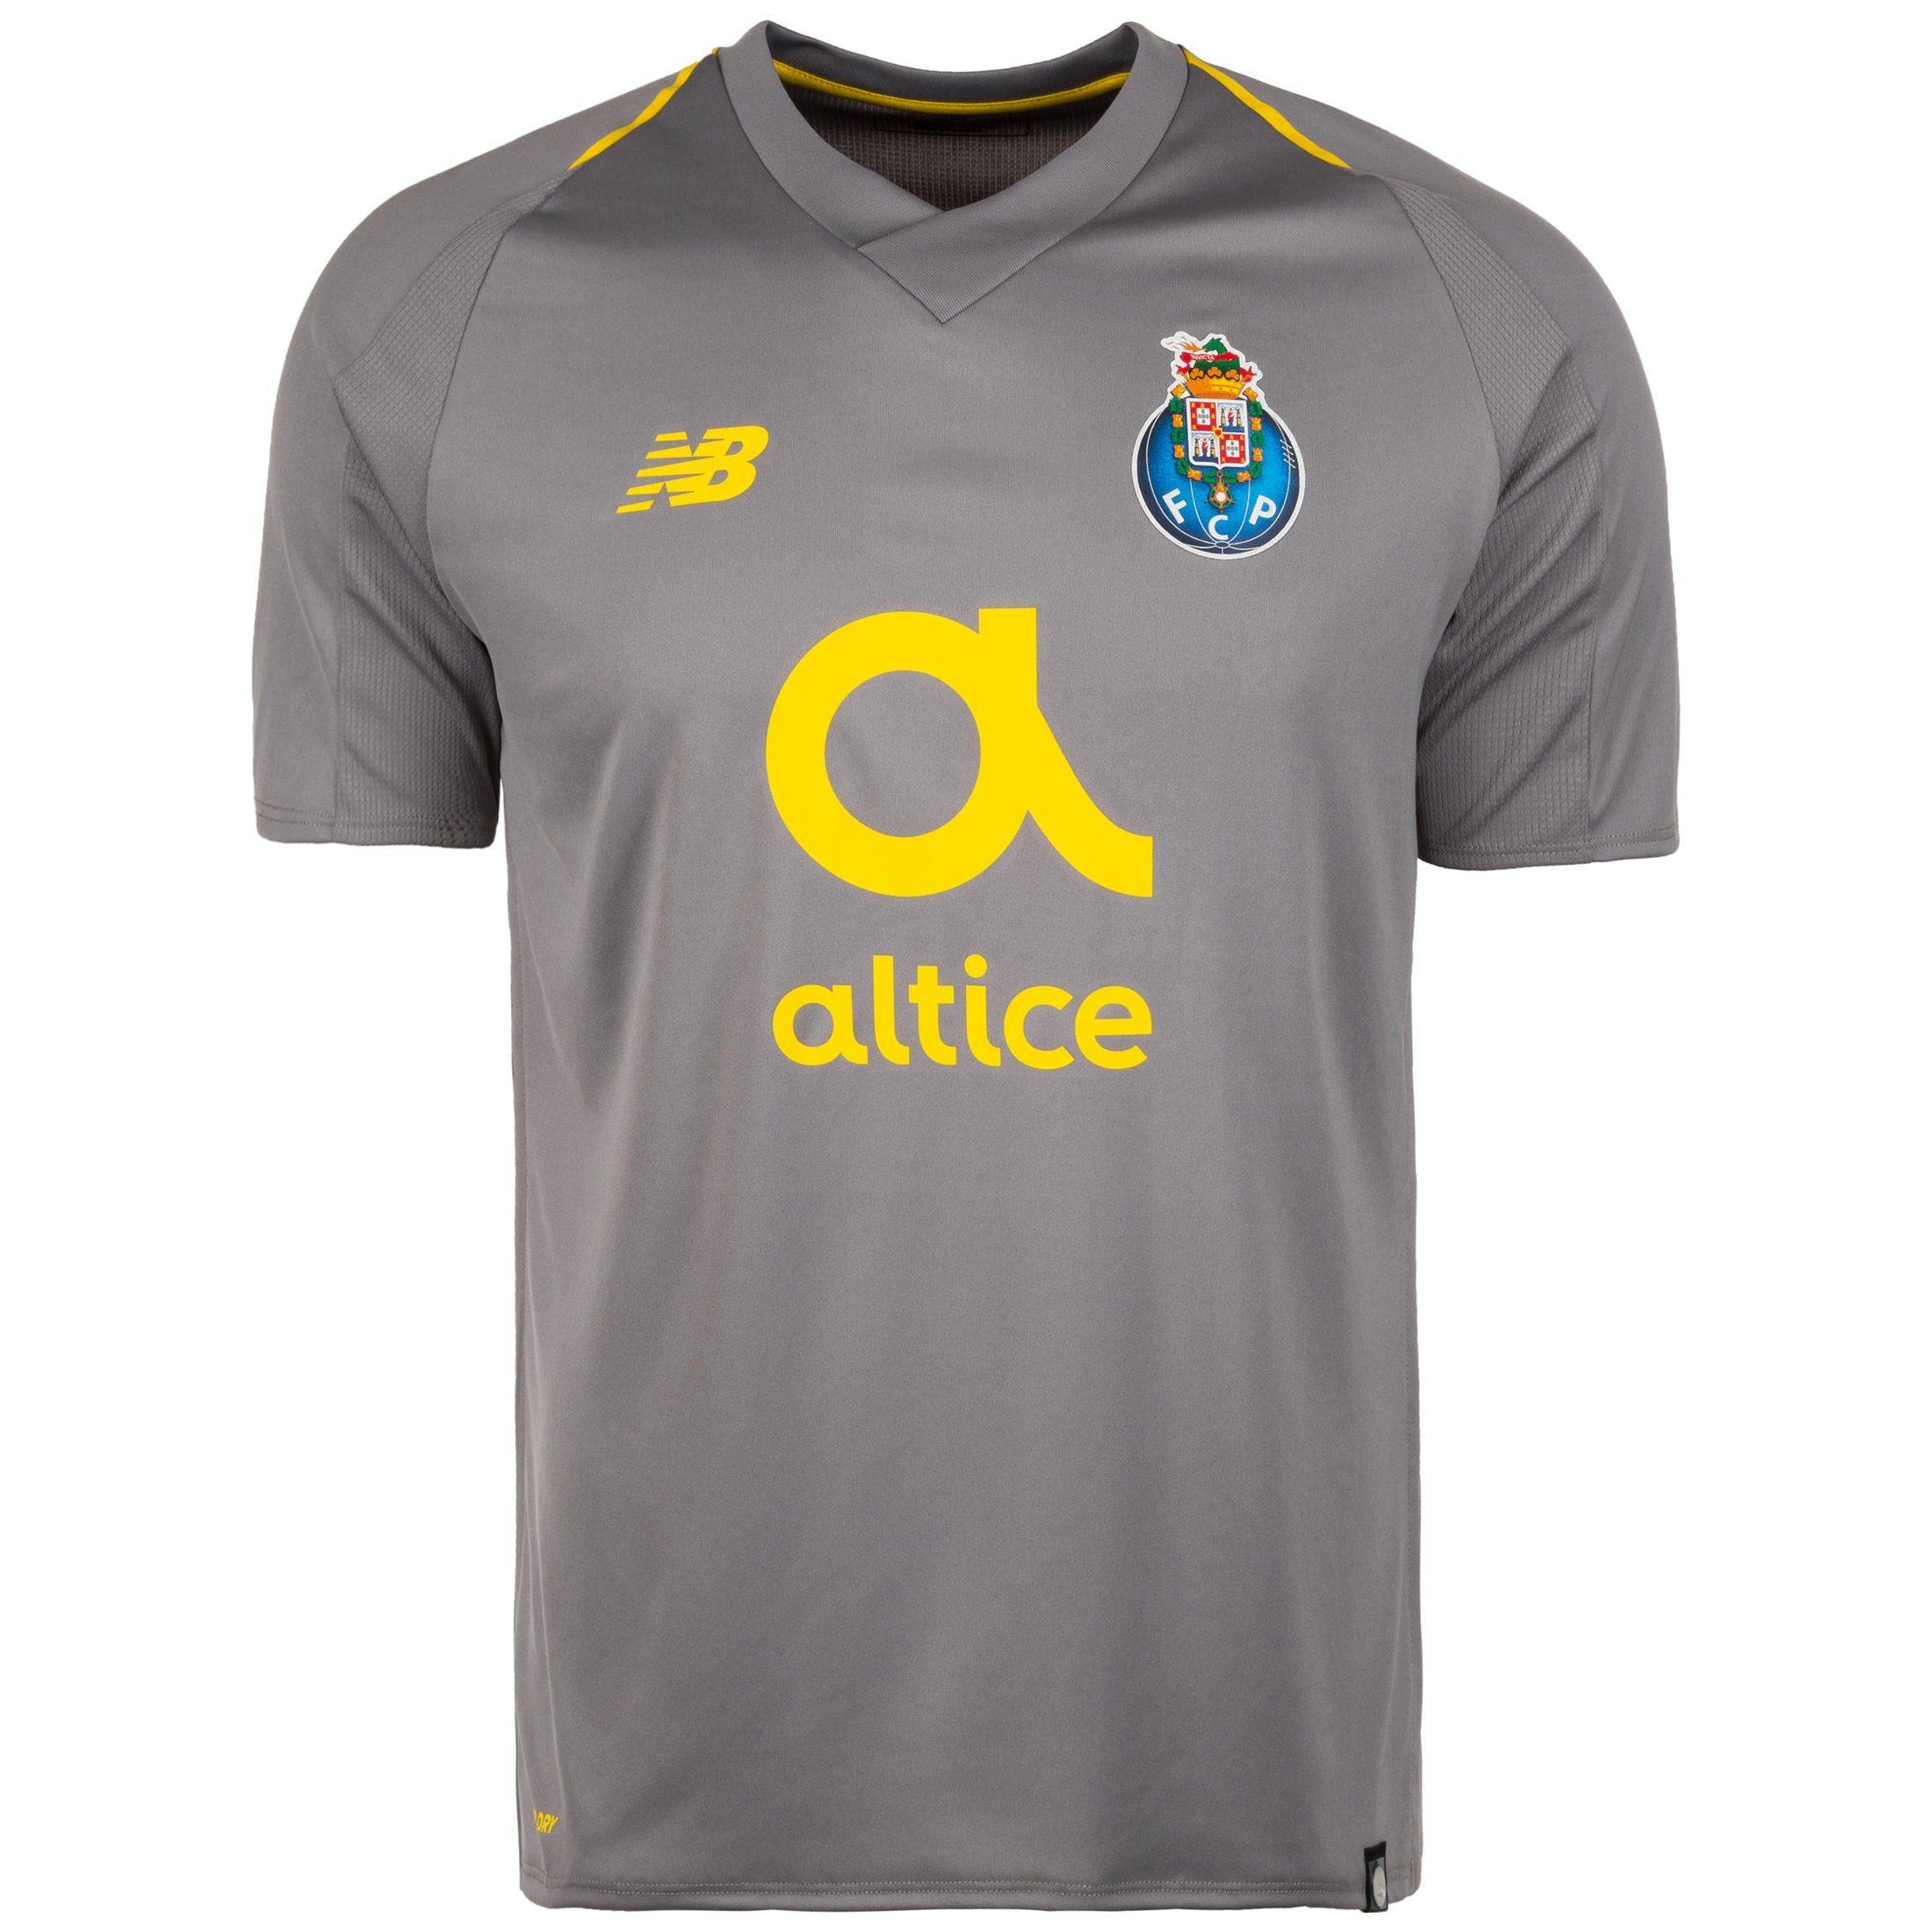 New Balance Fußballtrikot Fc Porto 18/19 Auswärts   Sportbekleidung > Trikots > Fußballtrikots   Grau   New Balance